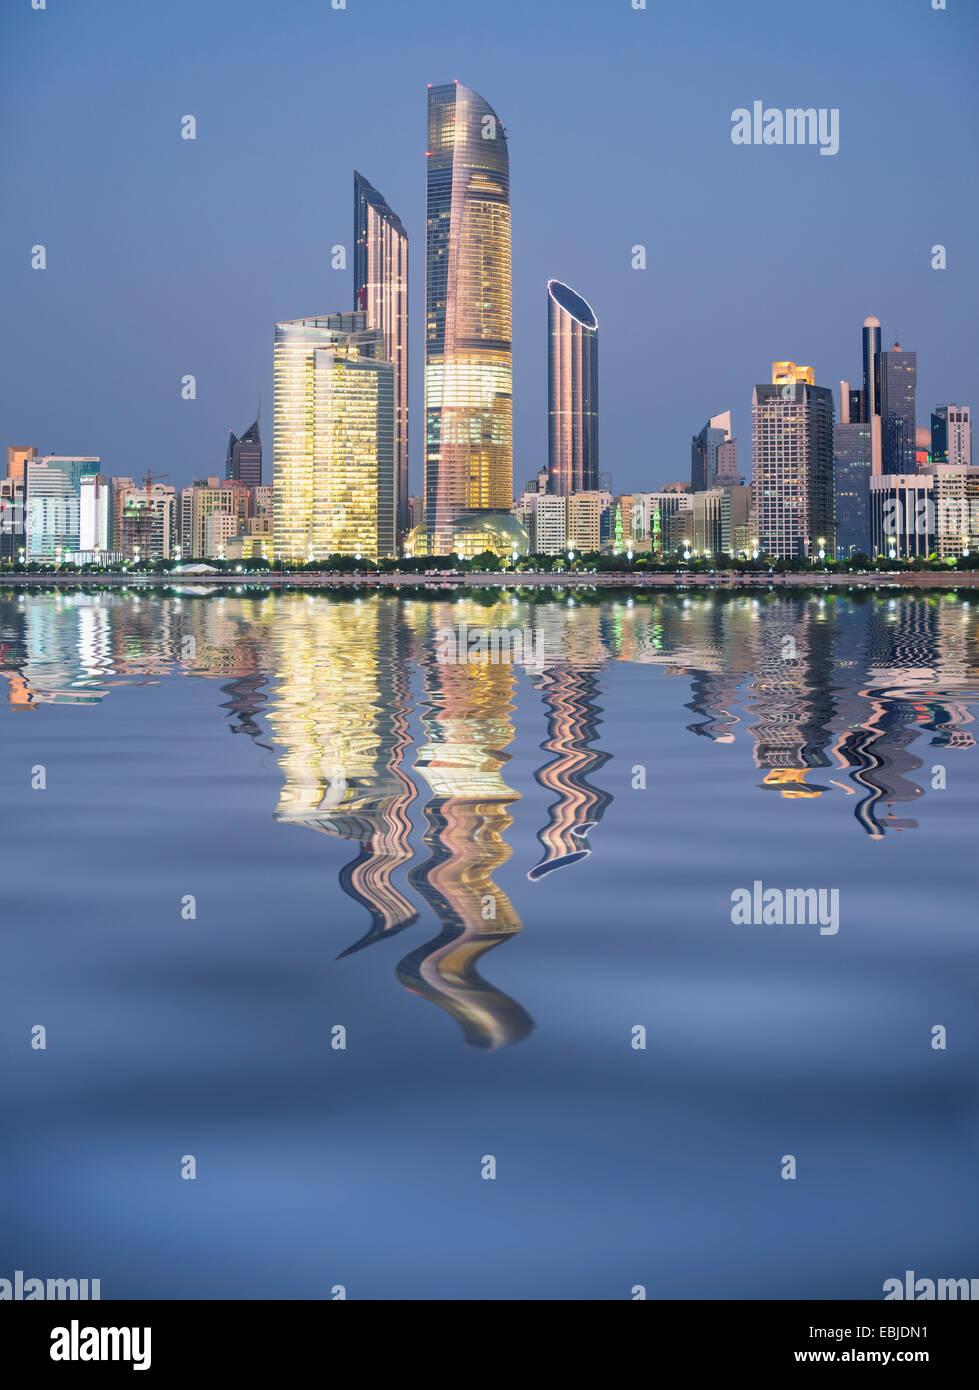 Skyline et la réflexion de bâtiments modernes le long du front de mer de la Corniche d'Abu Dhabi Emirats Photo Stock